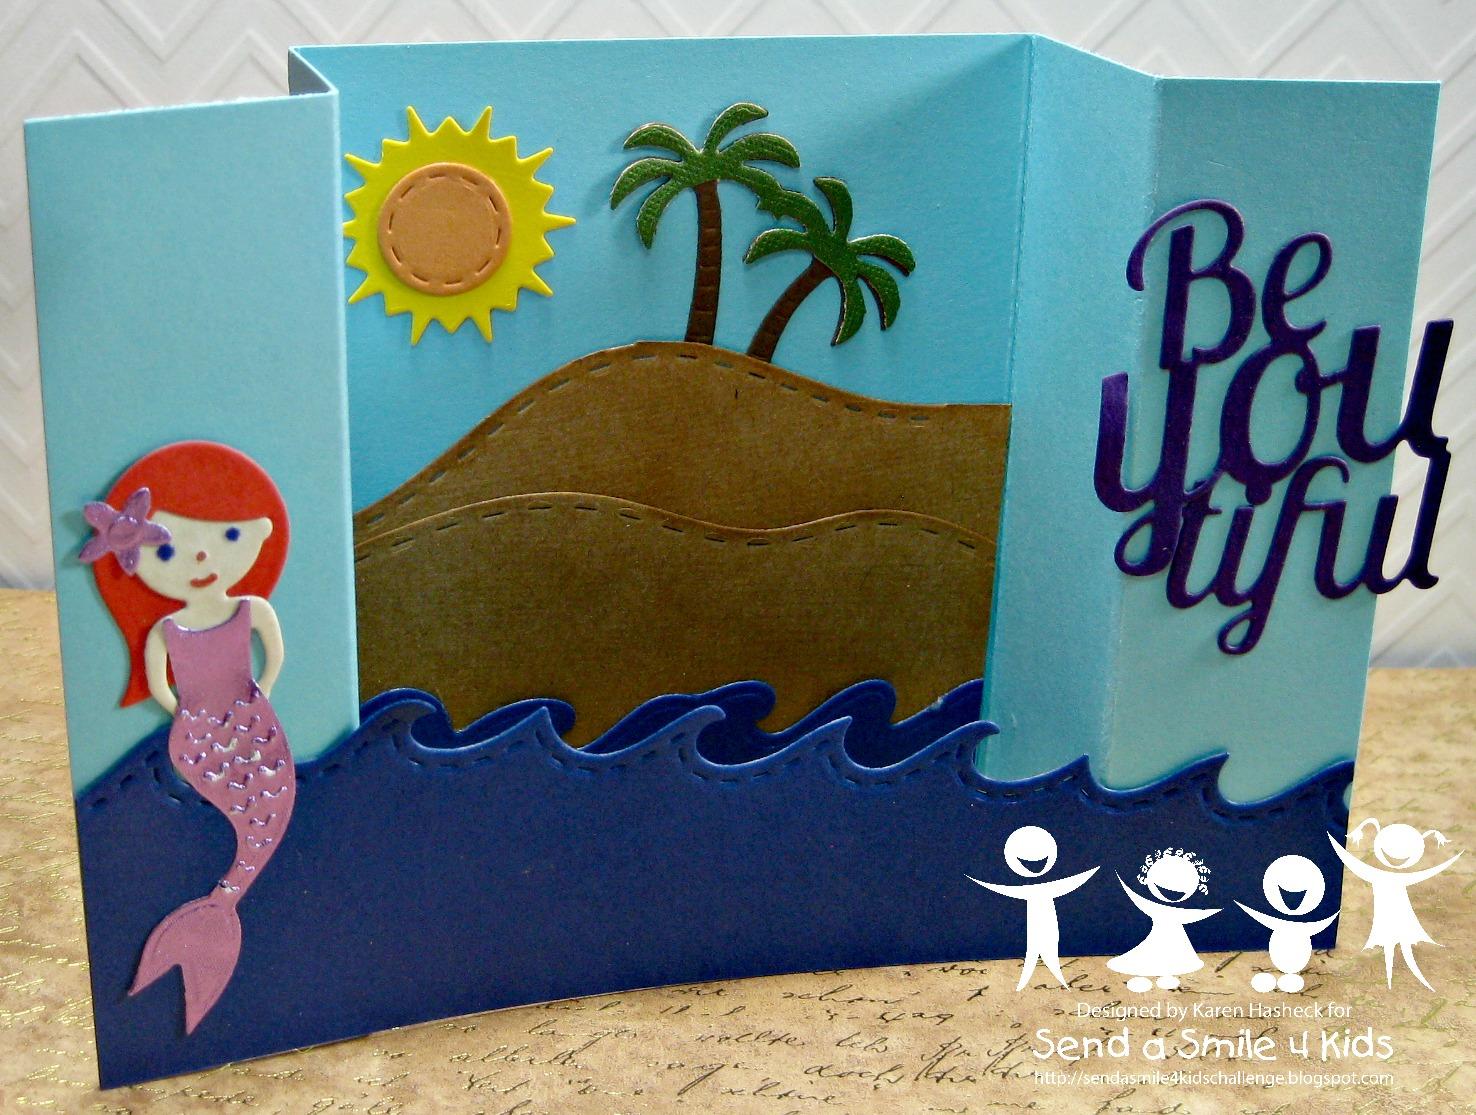 Karen S Kreative Kards Anything Goes 4 Kids Or Cards 4 Girls At